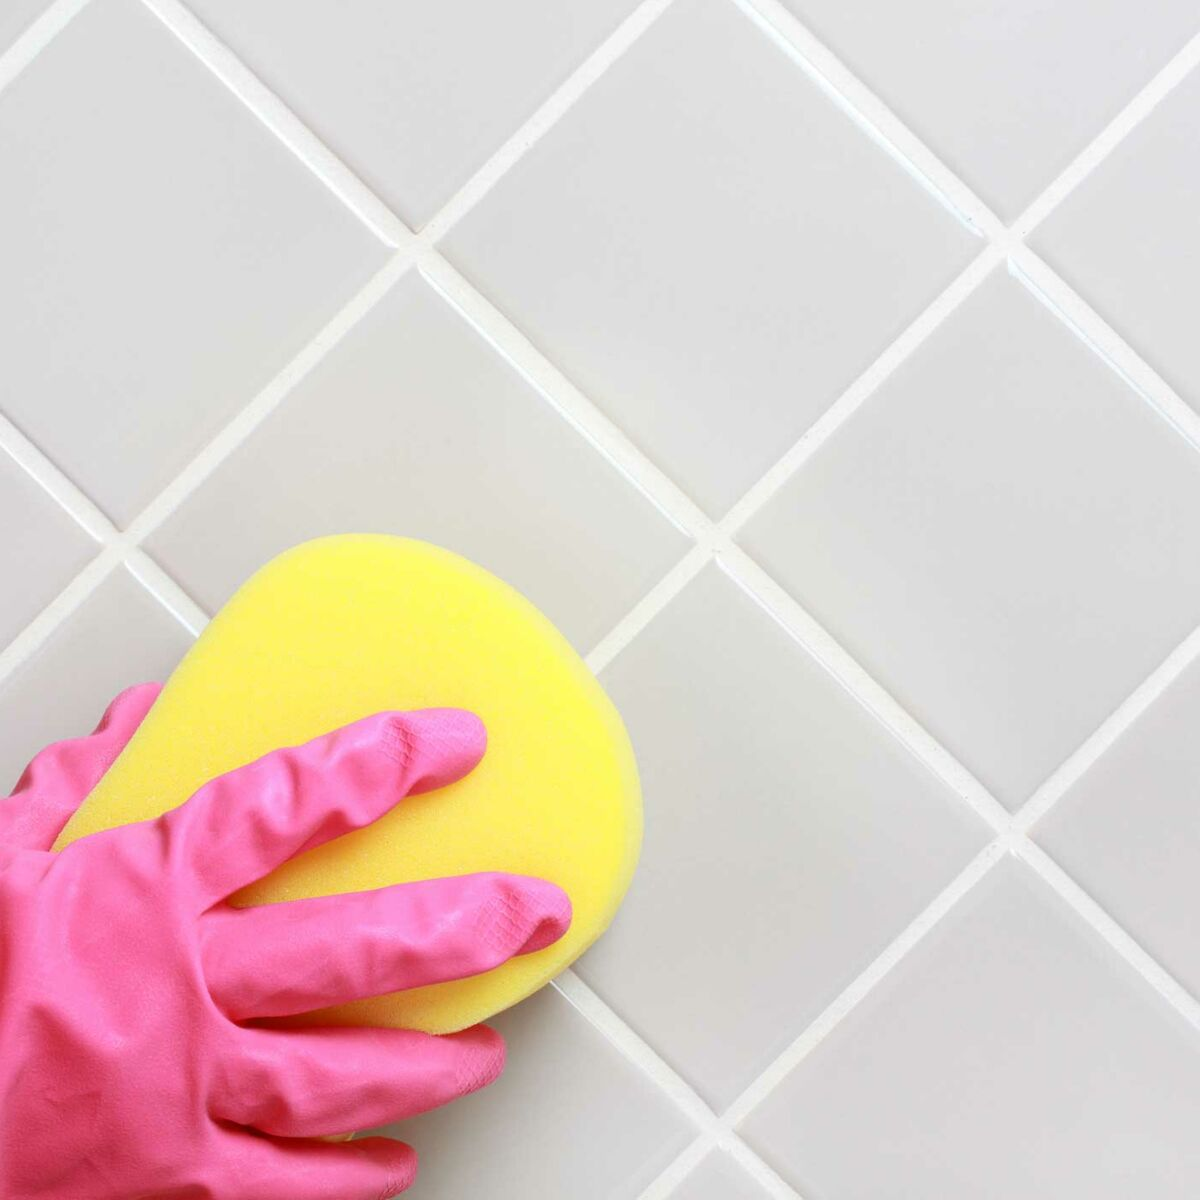 Carrelage Blanc Joint Noir 7 astuces pour nettoyer les joints de carrelage : femme